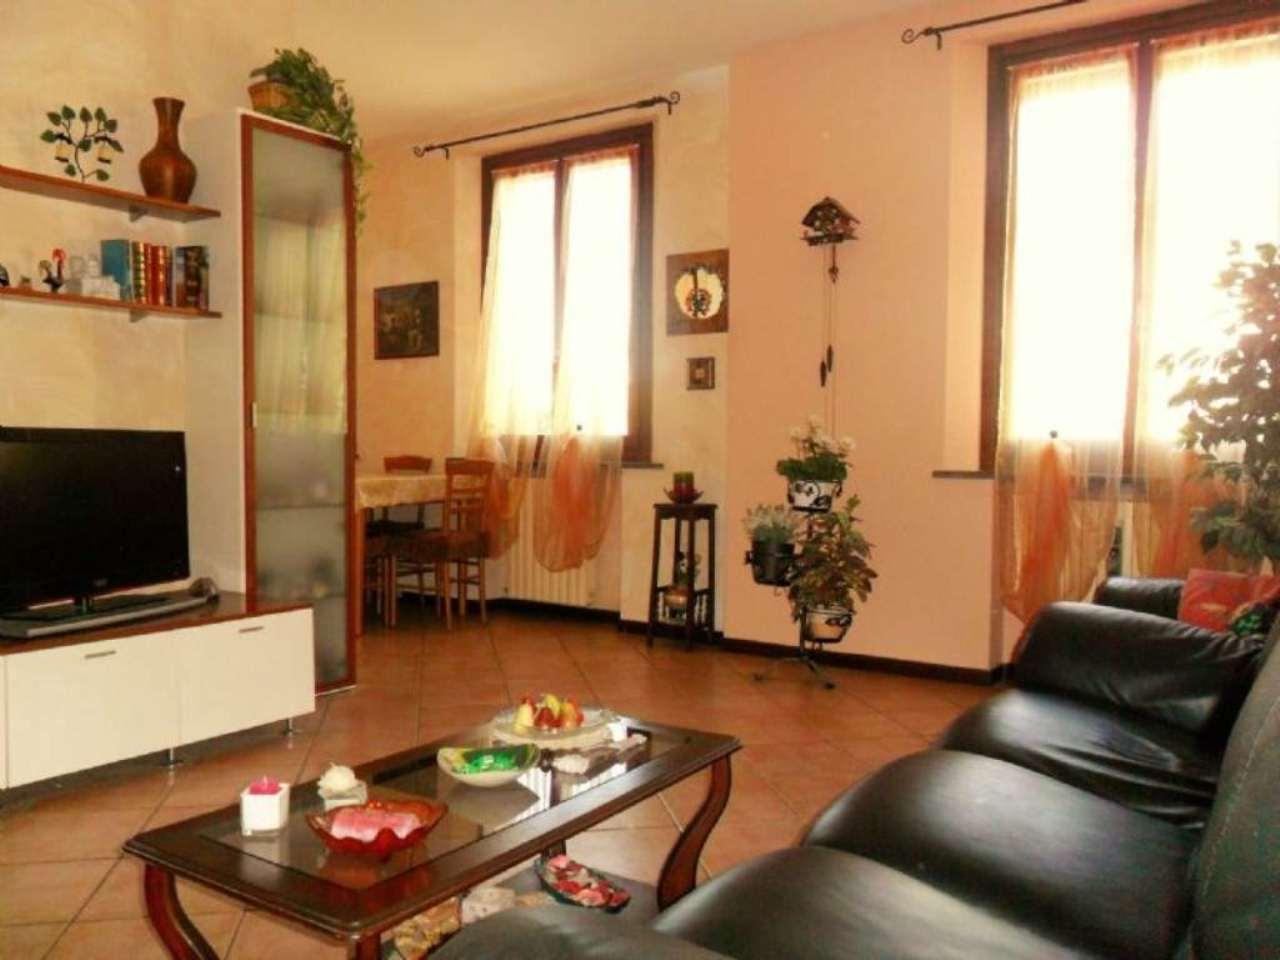 Appartamento in vendita a Fornovo di Taro, 3 locali, prezzo € 80.000 | Cambio Casa.it